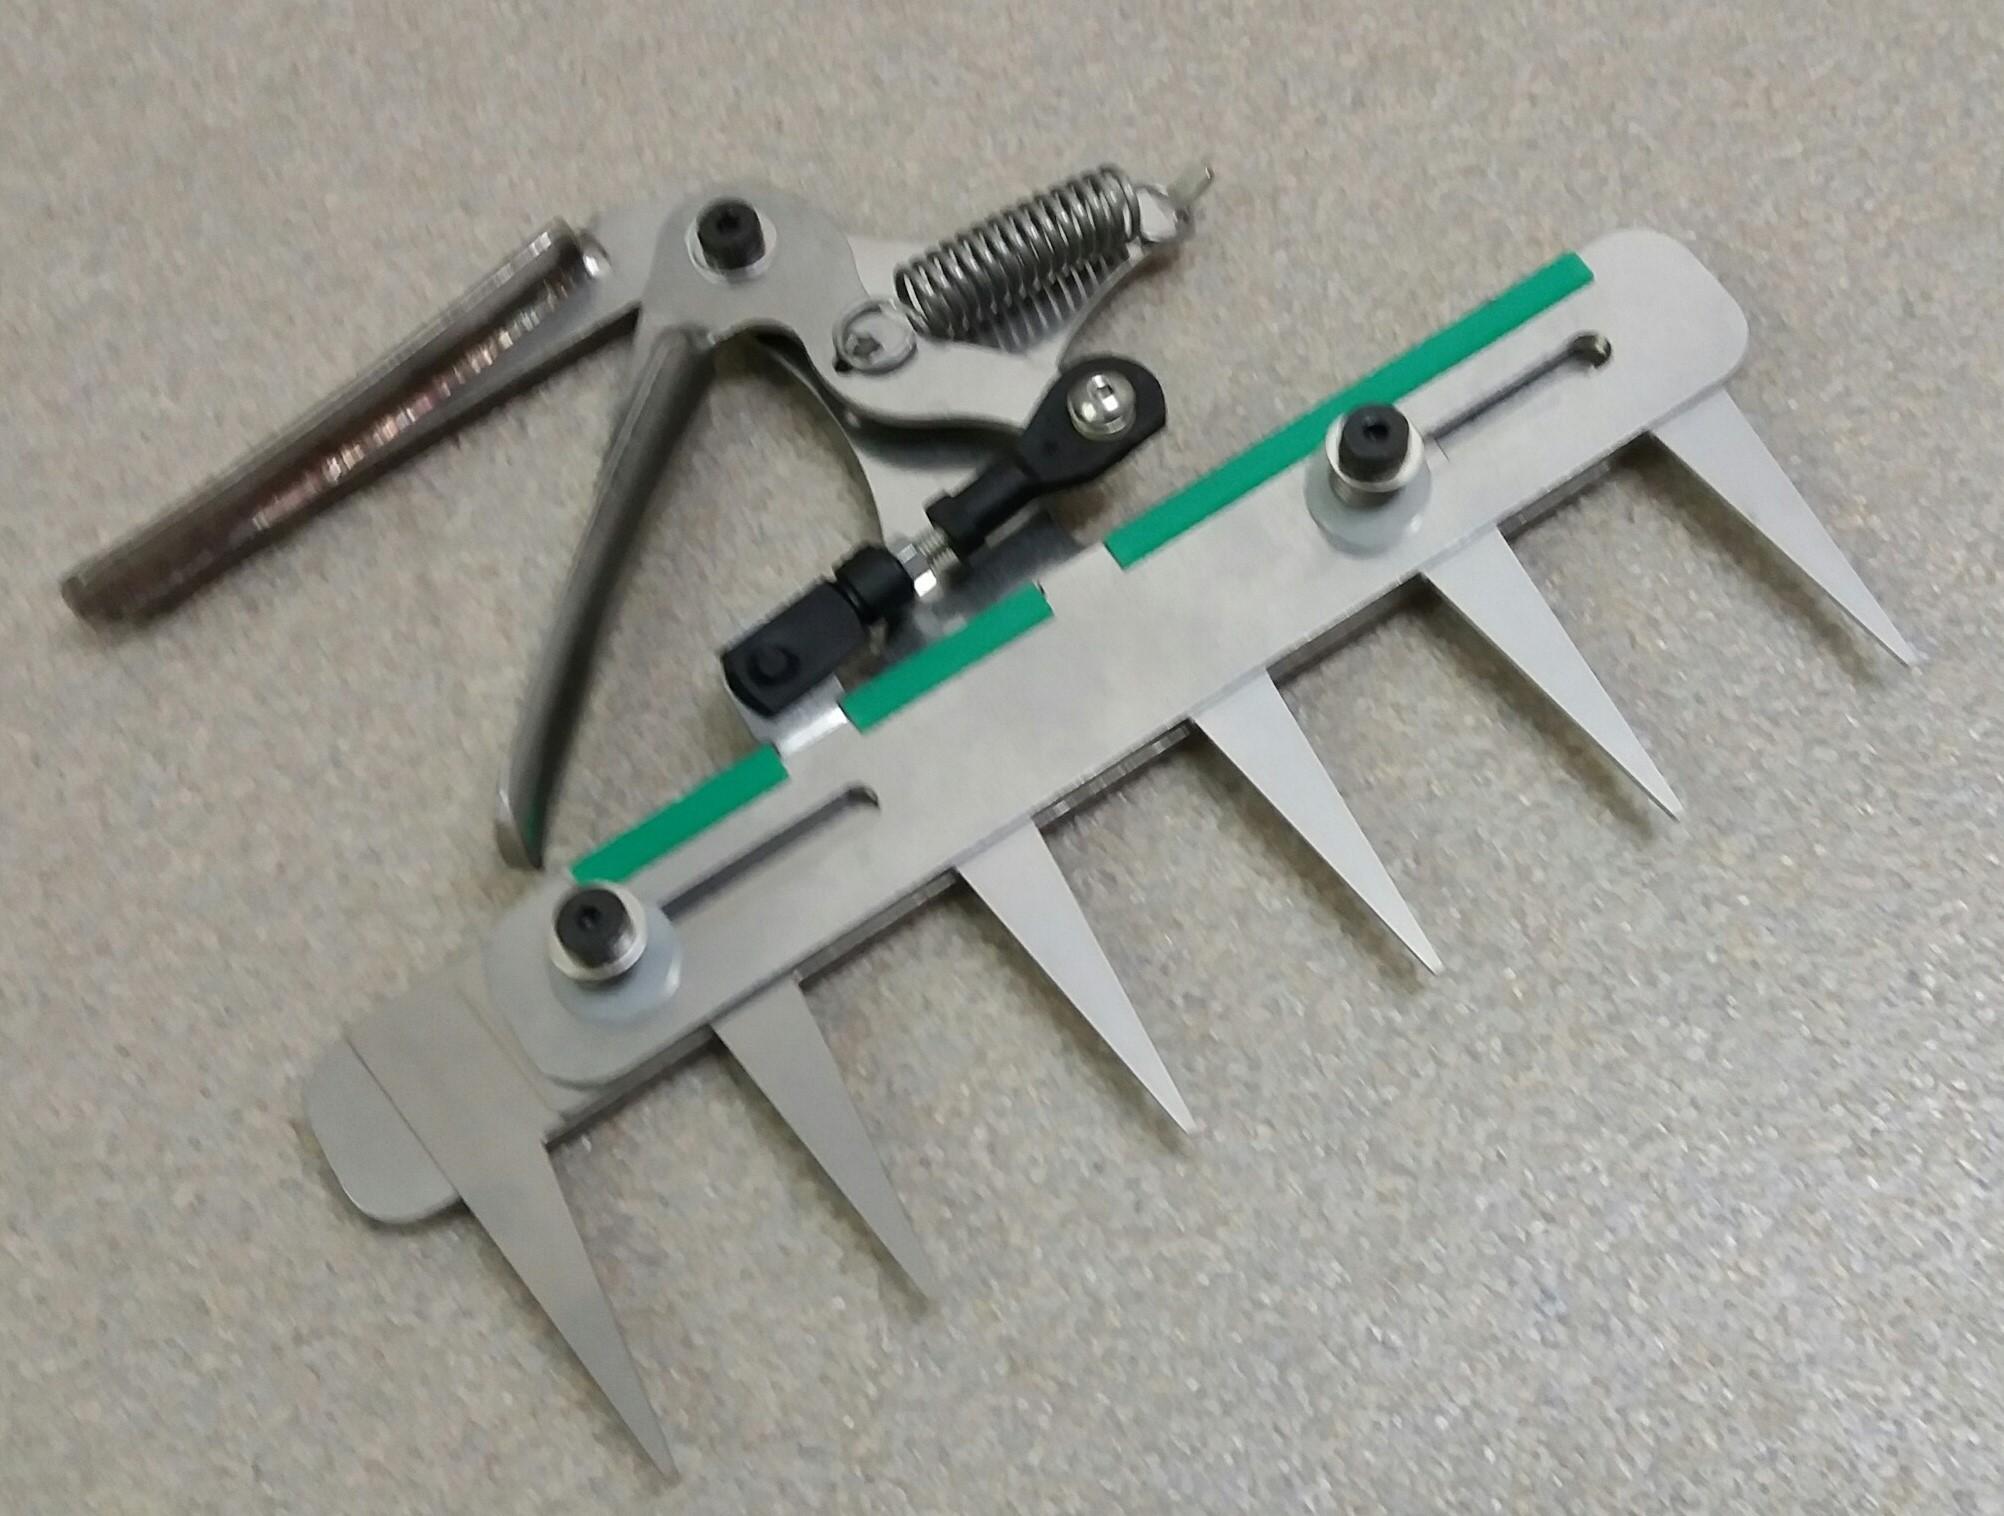 Patentschaar® Handmodel RVS 220 mm lang, steek 40 mm, 6 tanden